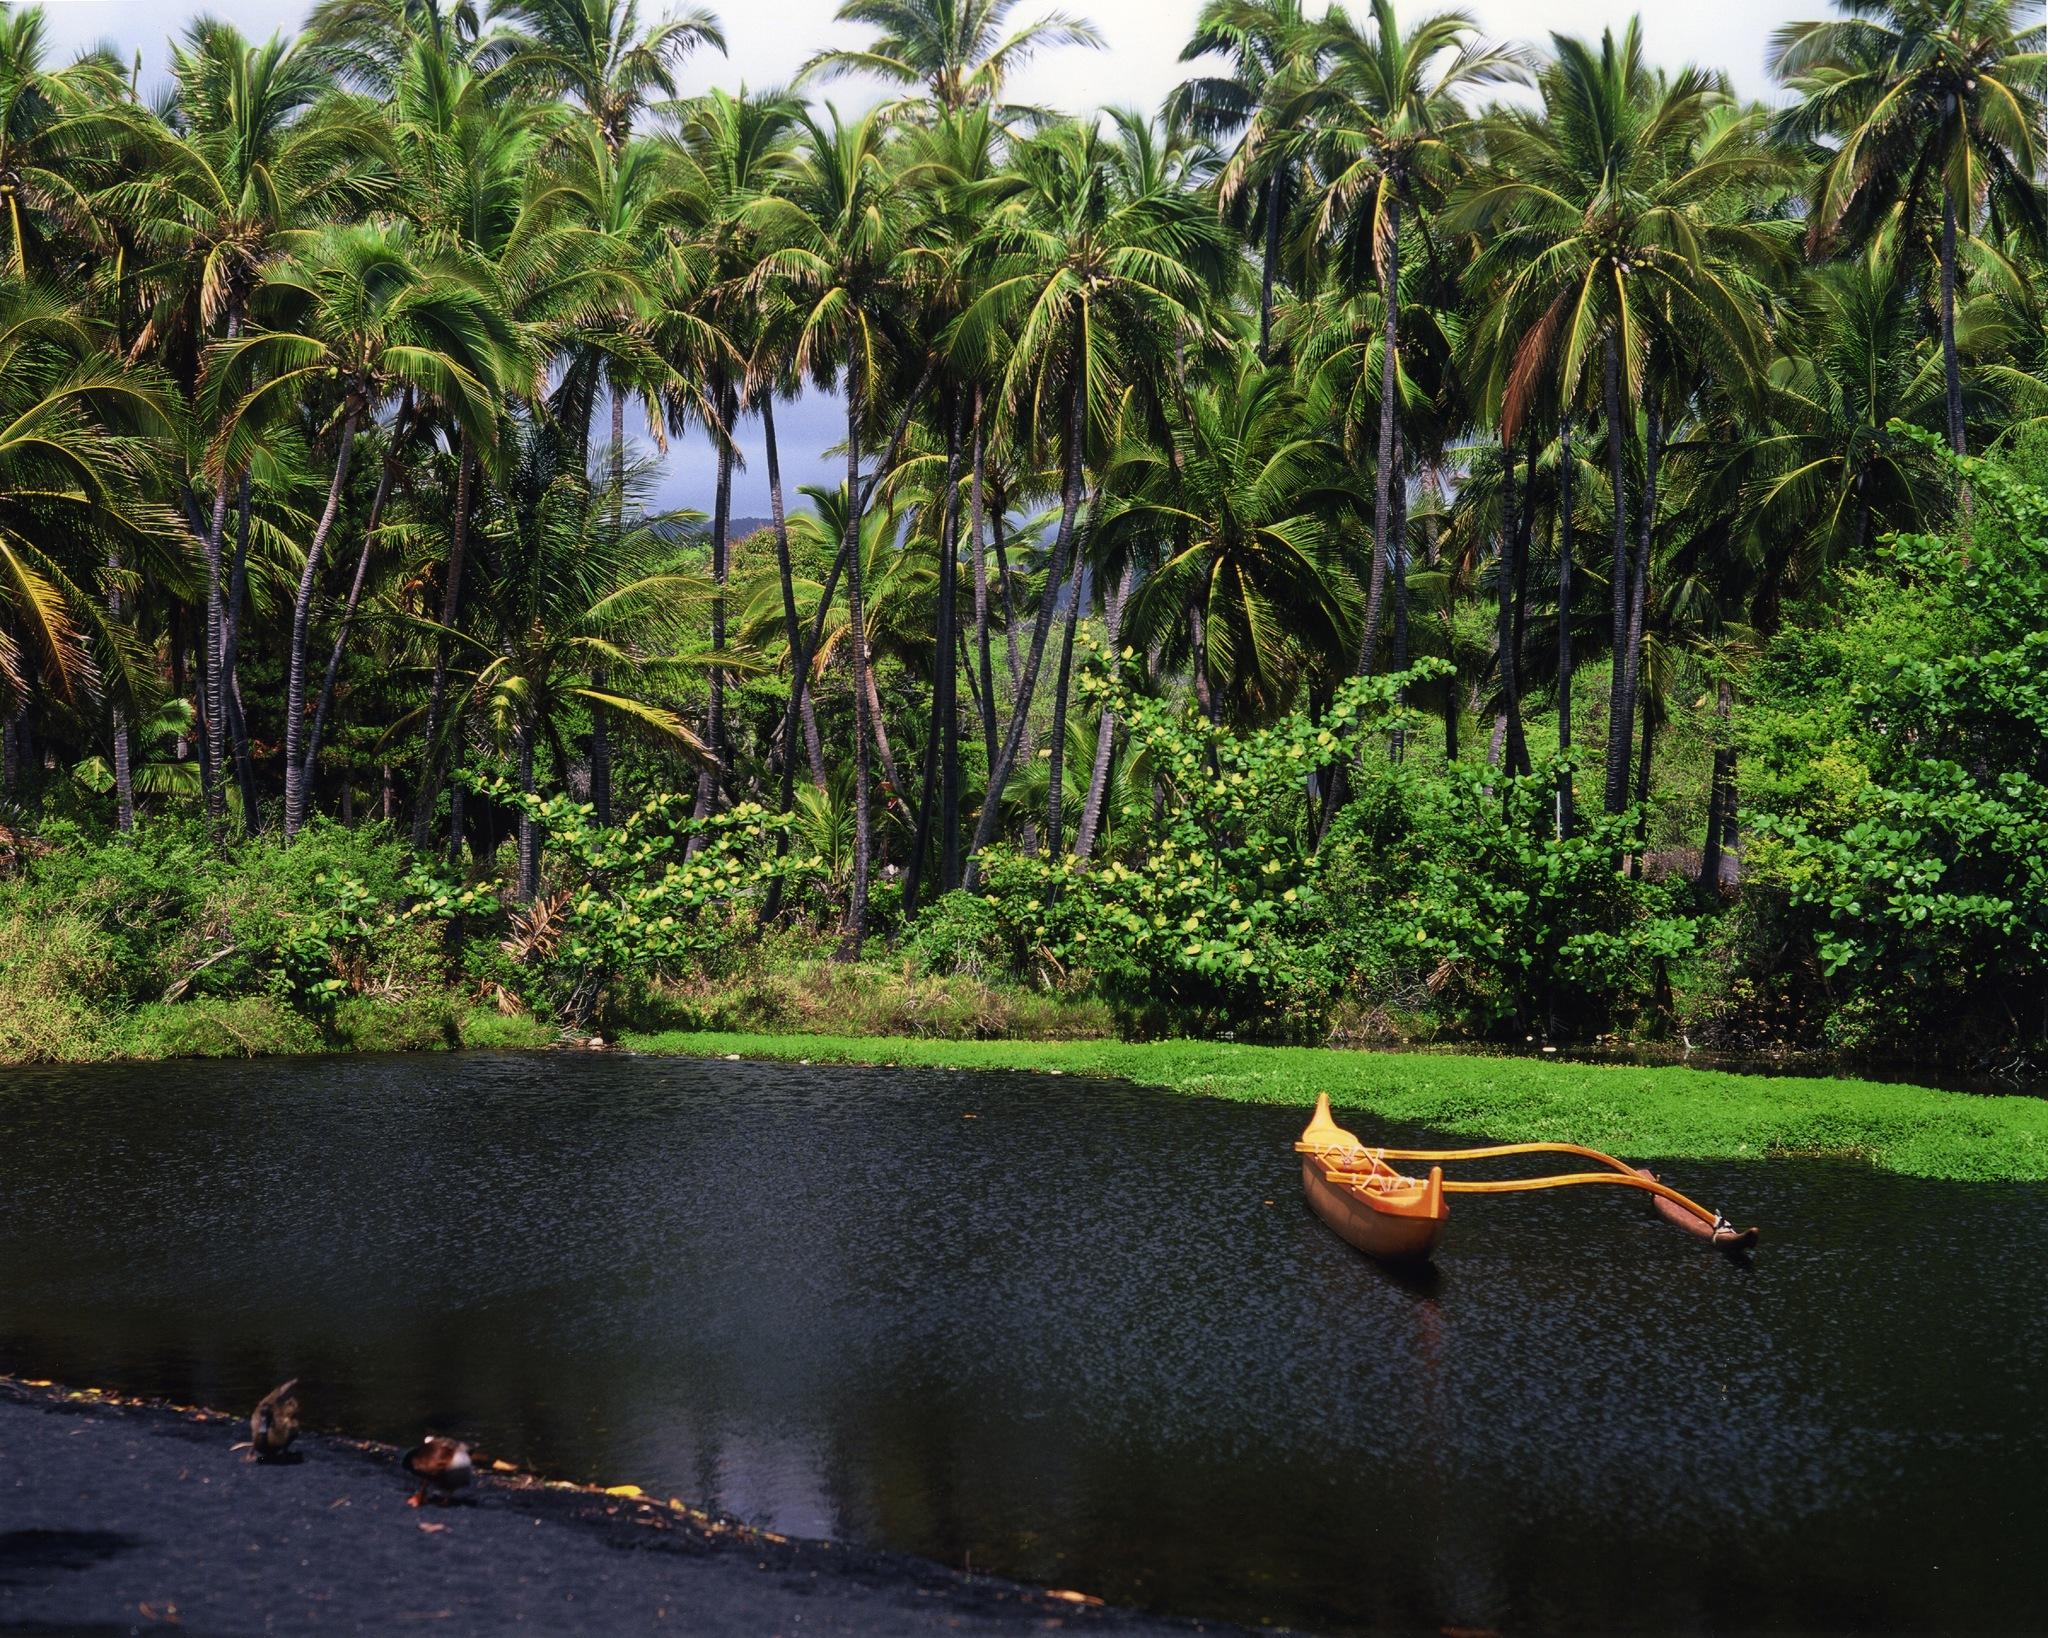 Samoa by Miloliidrifter